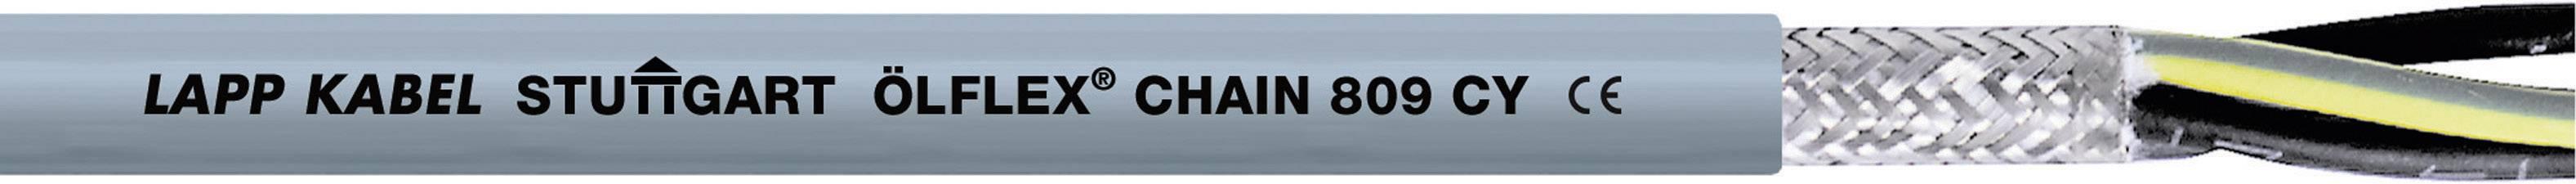 Žíla kabelu LappKabel ÖLFLEX CHAIN 809 CY 7G0,75 (1026763), 7x 0,75 mm², PVC, Ø 9,1 mm, stíněný, 1 m, šedá